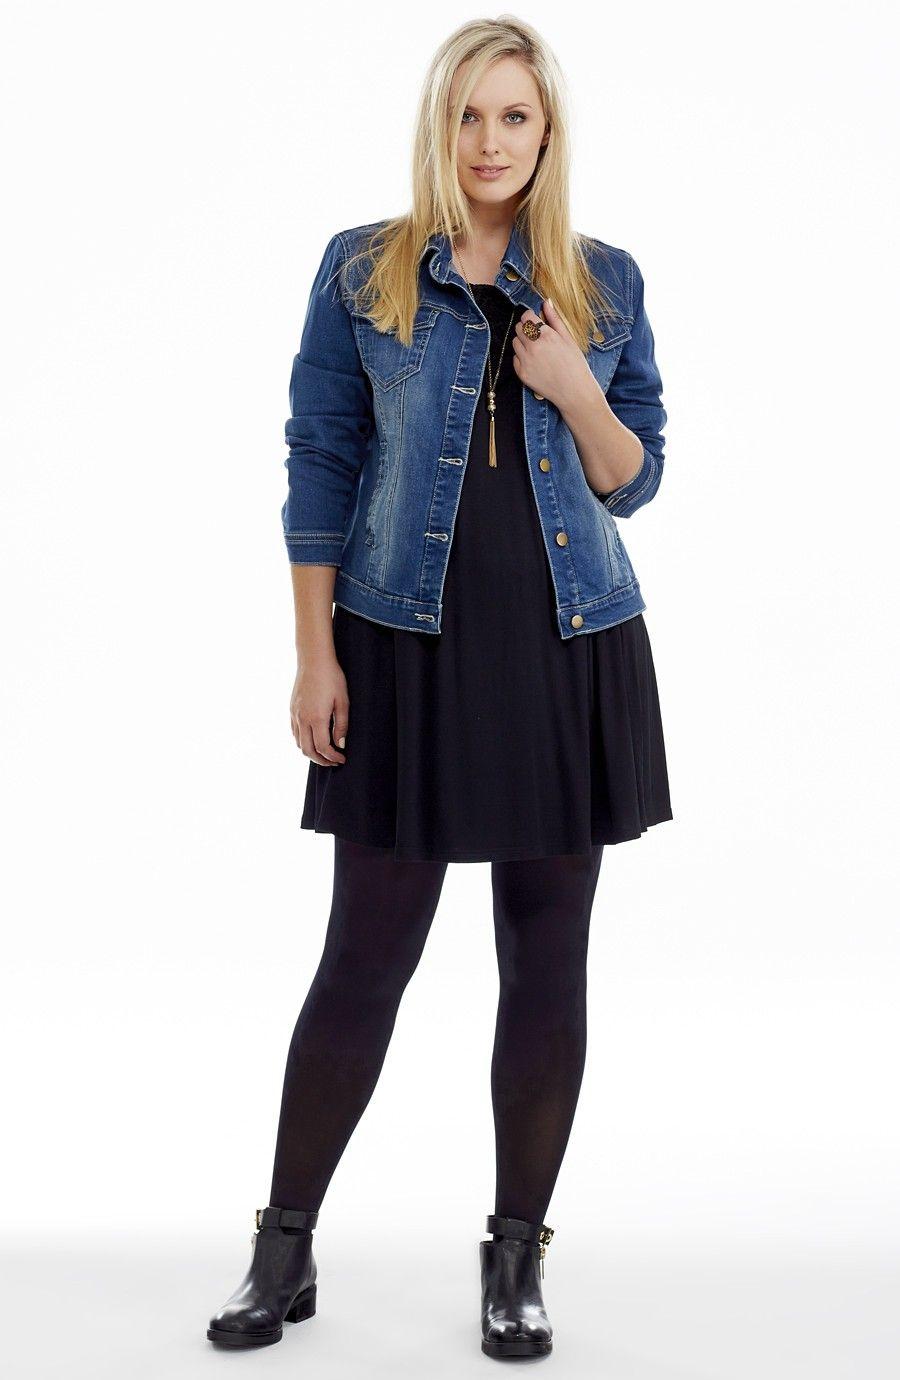 Stretch Denim Jacket Plus Size Jackets Swing Dresses Outfit Denim Jacket Swing Dress Style [ 1380 x 900 Pixel ]